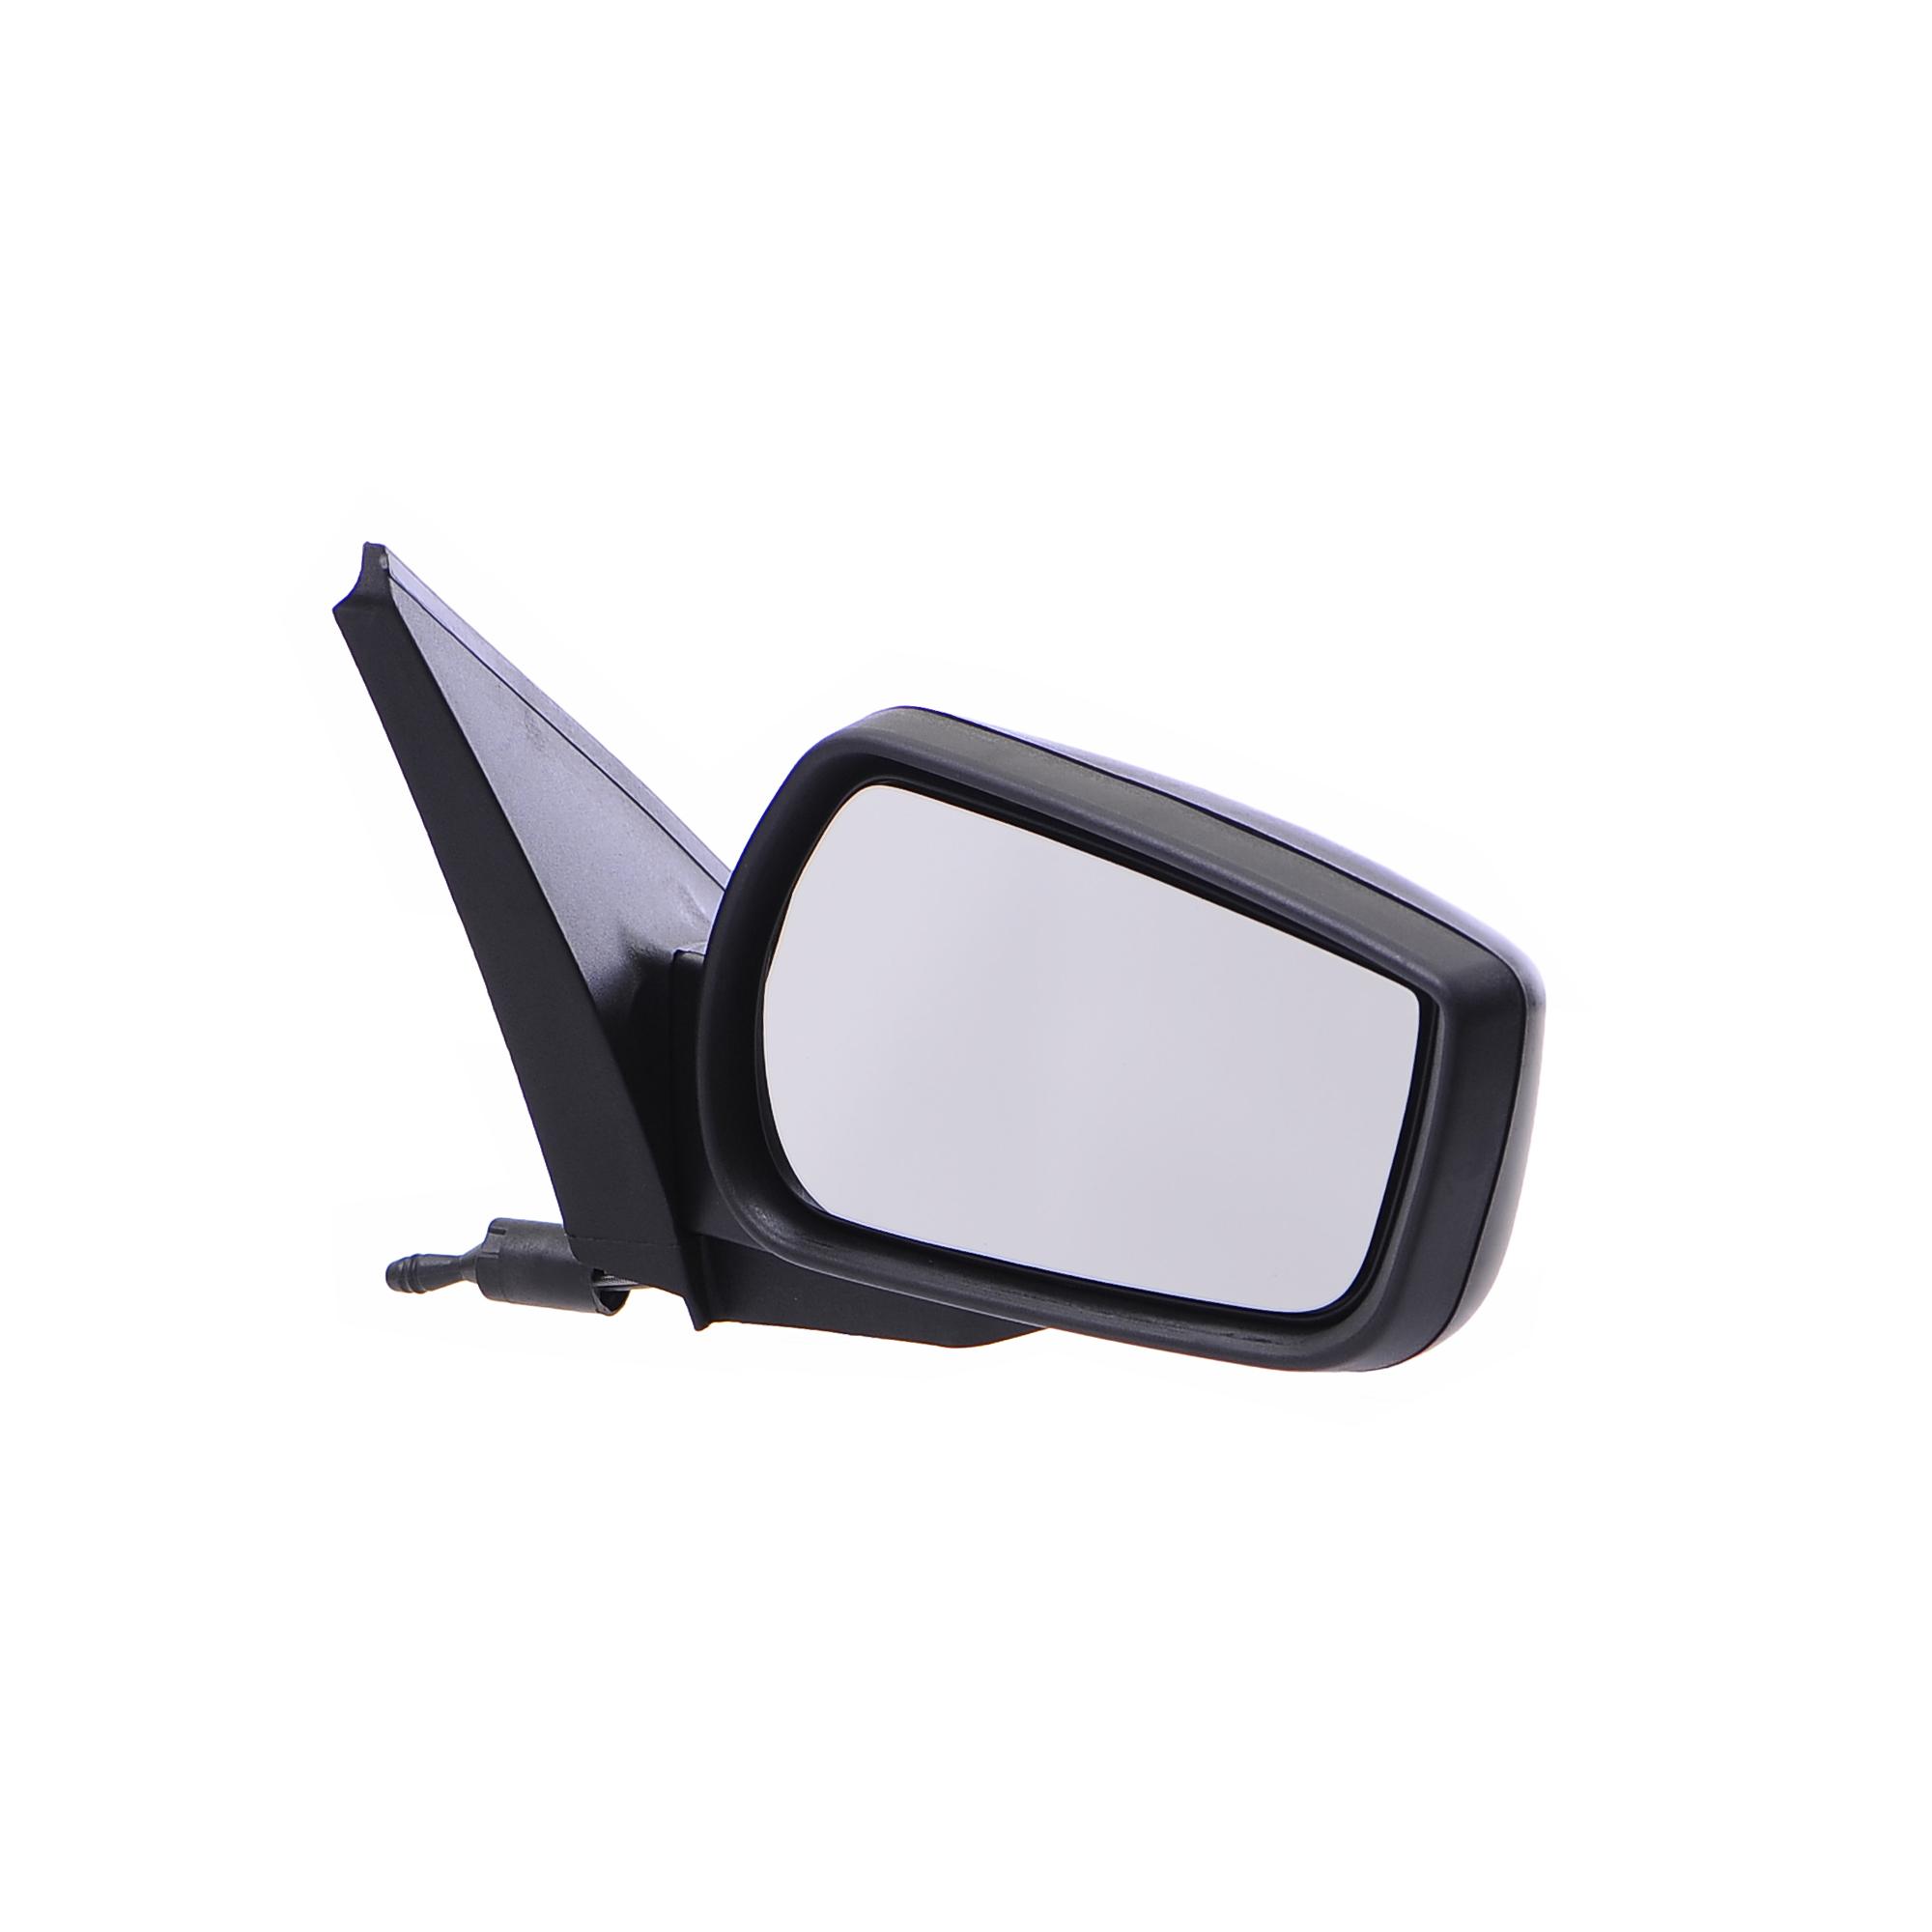 آینه جانبی راست خودرو کد CR0003 مناسب برای پژو 405